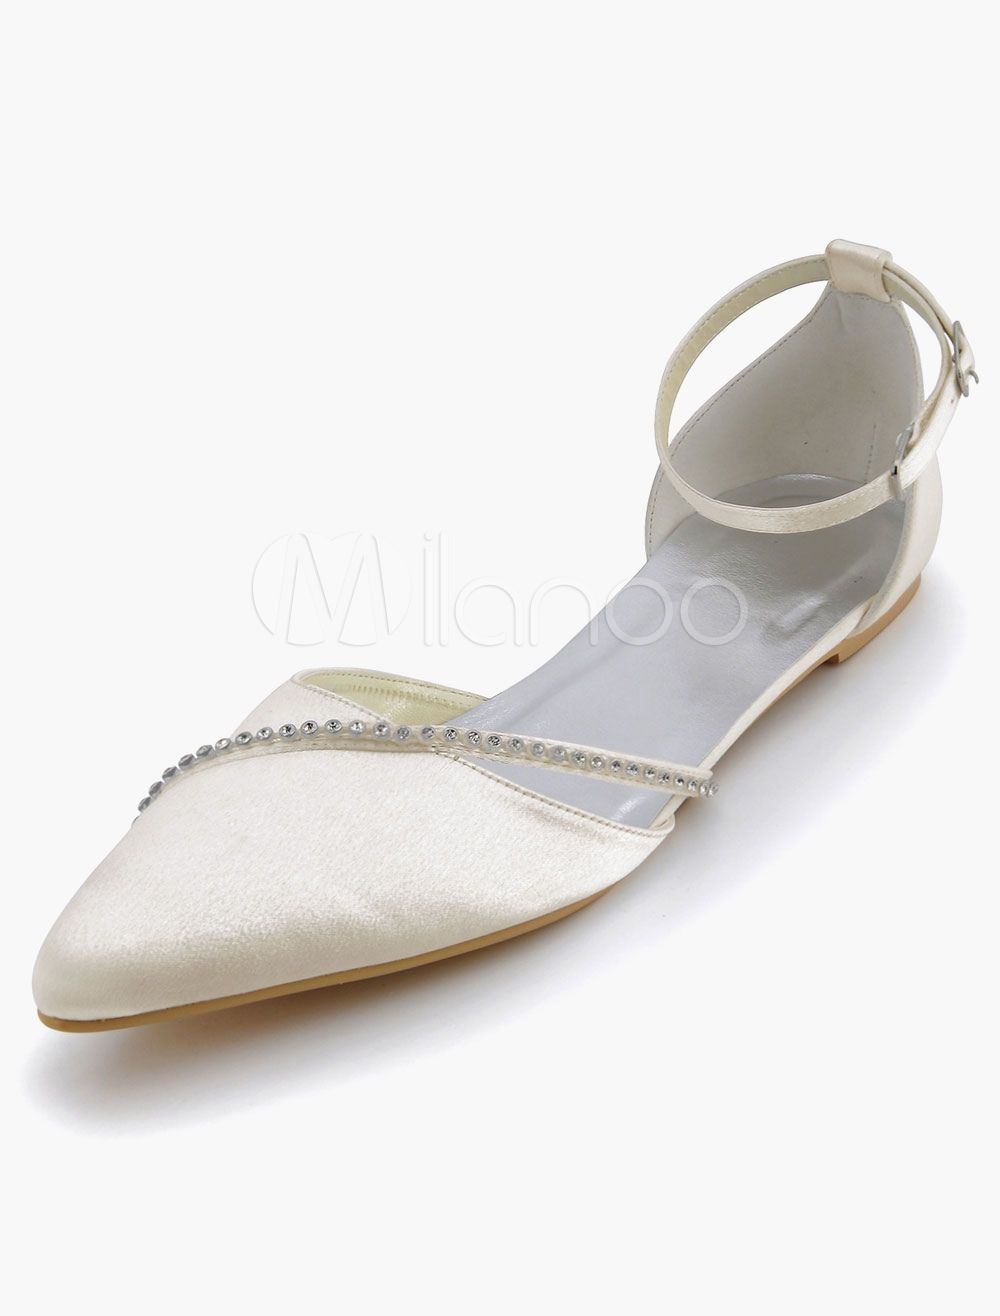 Satin Hochzeit Schuhe 2018 Spitz Strass Hochzeit Gast Schuhe Flache